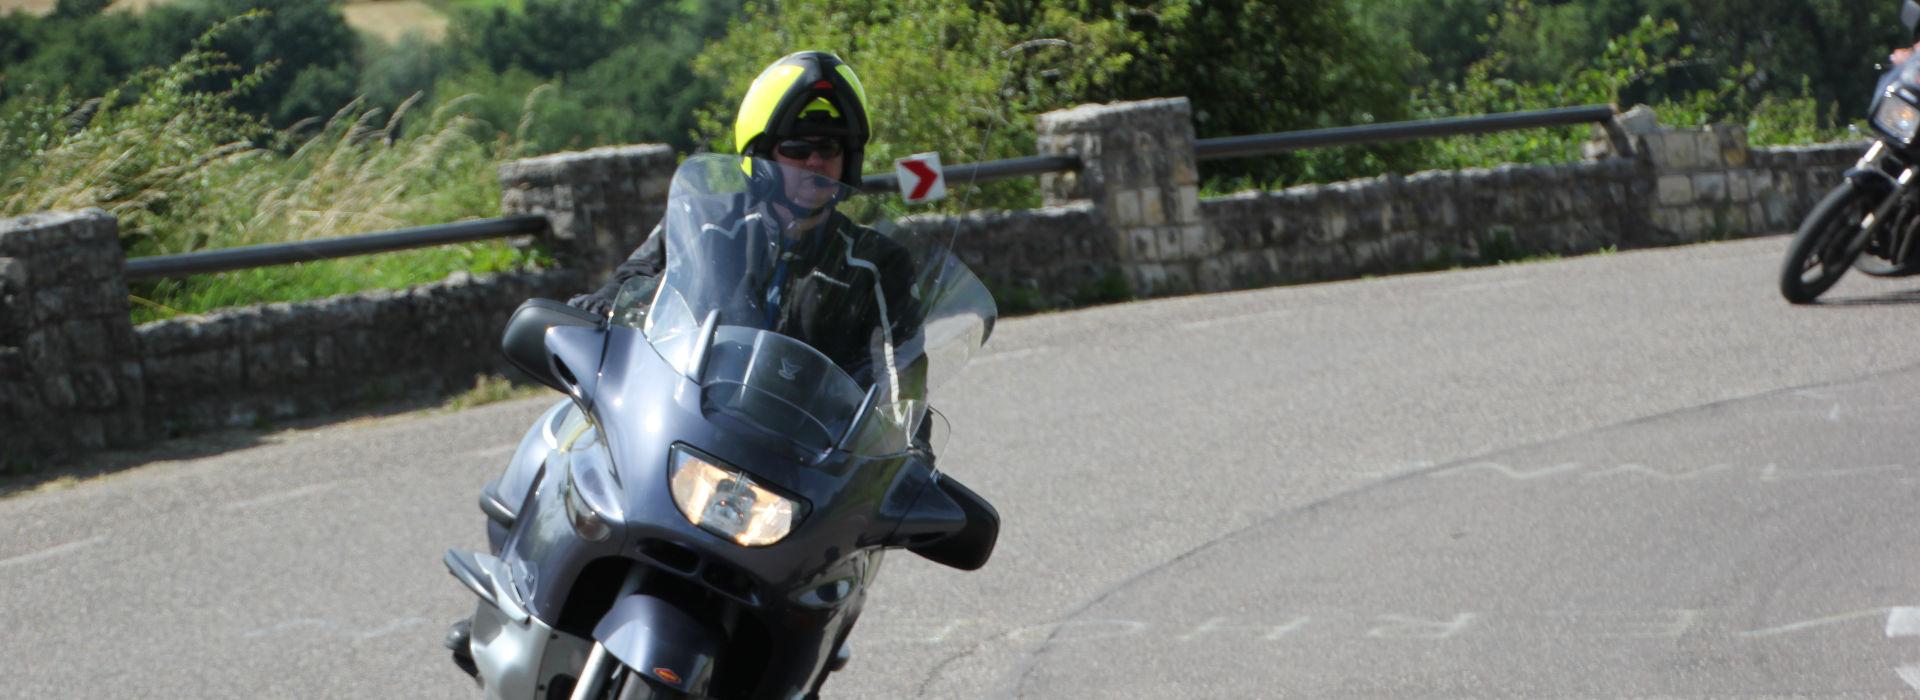 Motorrijbewijspoint Den Helder motorrijlessen